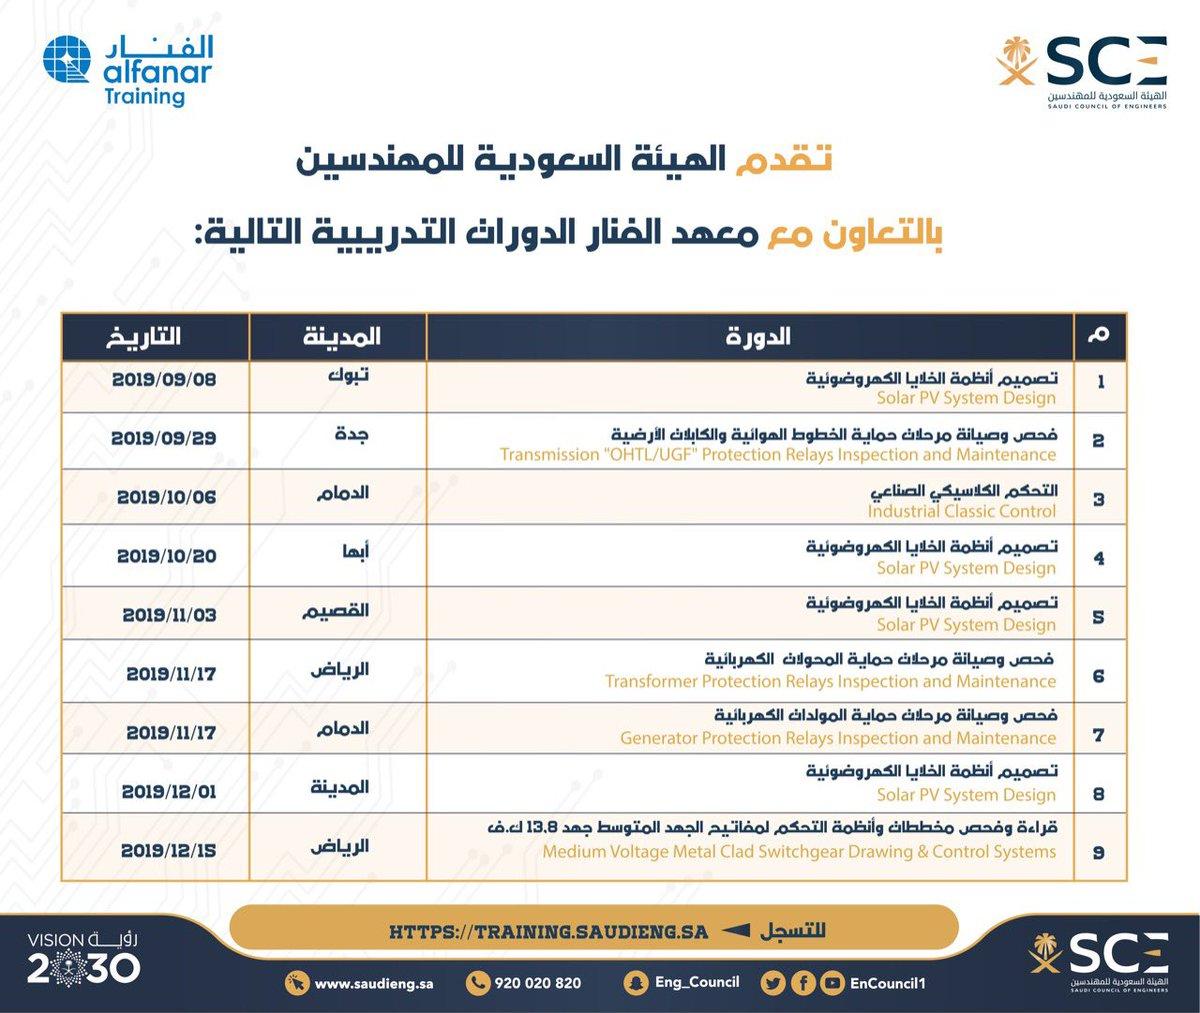 الهيئة السعودية للمهندسين On Twitter هيئة المهندسين بالتعاون مع معهد الفنار تقدم العديد من الدورات التدريبية لتطوير القطاع الهندسي للتسجيل Https T Co Snpvsfngix Https T Co Aobf4g9dmh